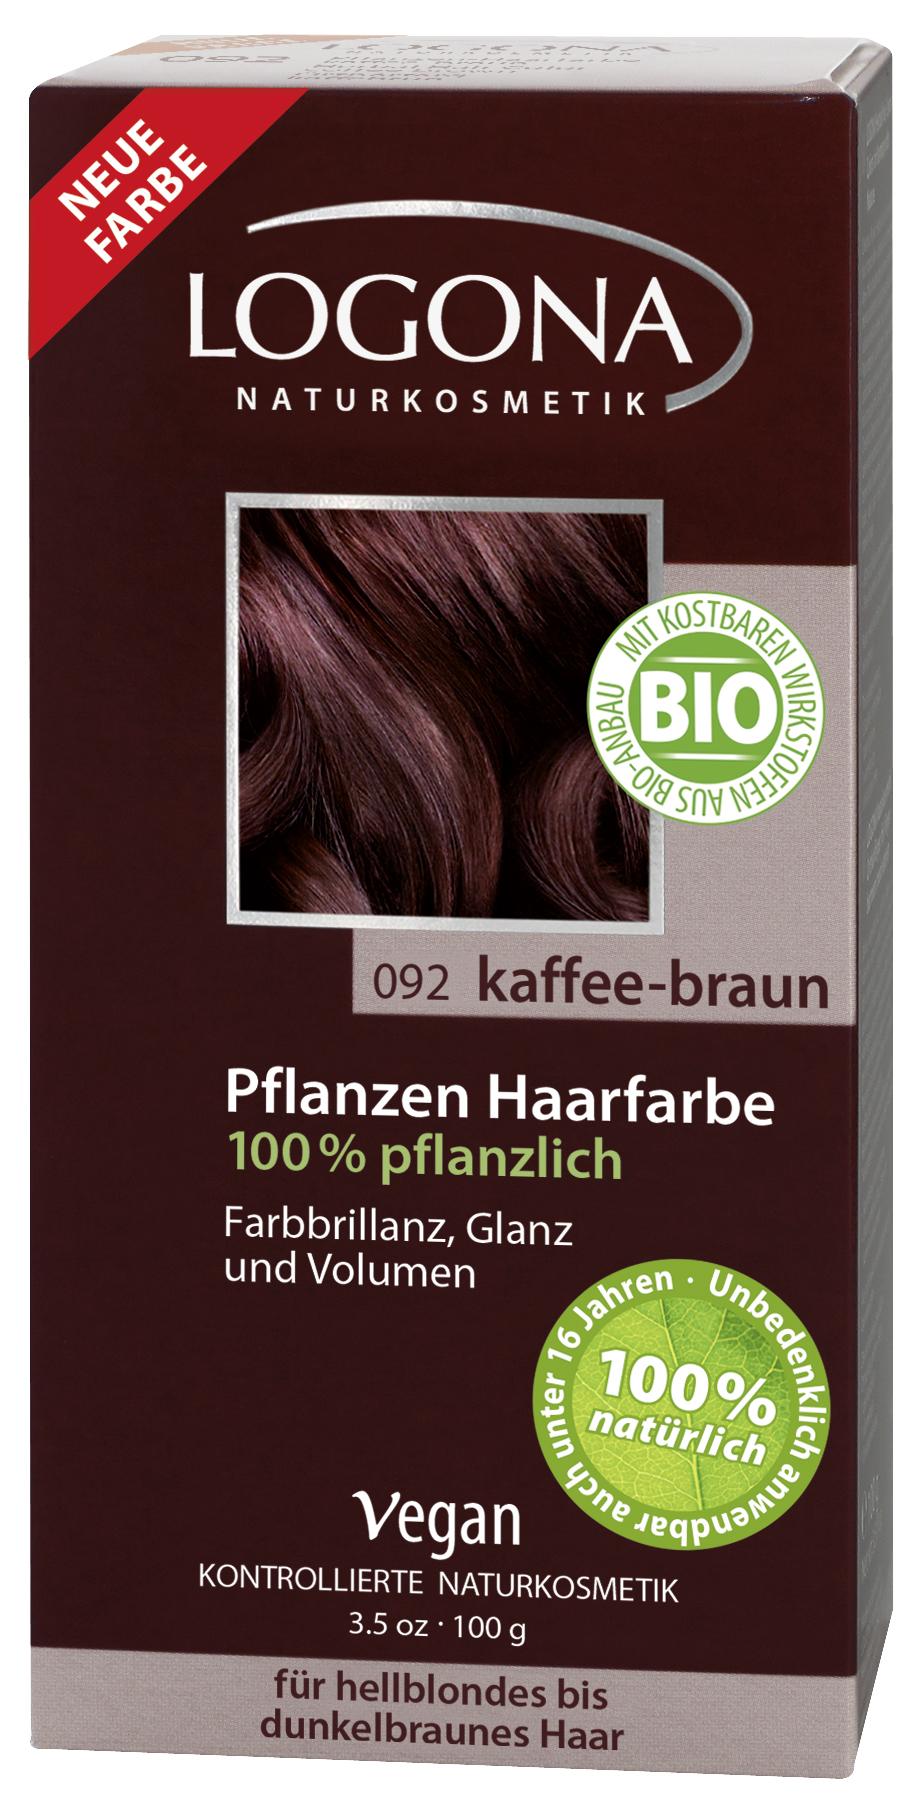 Logona растительная краска для волос 092 «Кофейно-коричневый» 100 гр01113Оттенок «Кофейно-коричневый» подходит для волос от светлых до темно-каштановых. Растительные краски для волос Logona действуют бережно и дают длительный эффект. Состав из хны и других красящих растений, а также веществ растительного происхождения для ухода за волосами естественным образом укрепляют волосы и придают им больше объема и яркости.